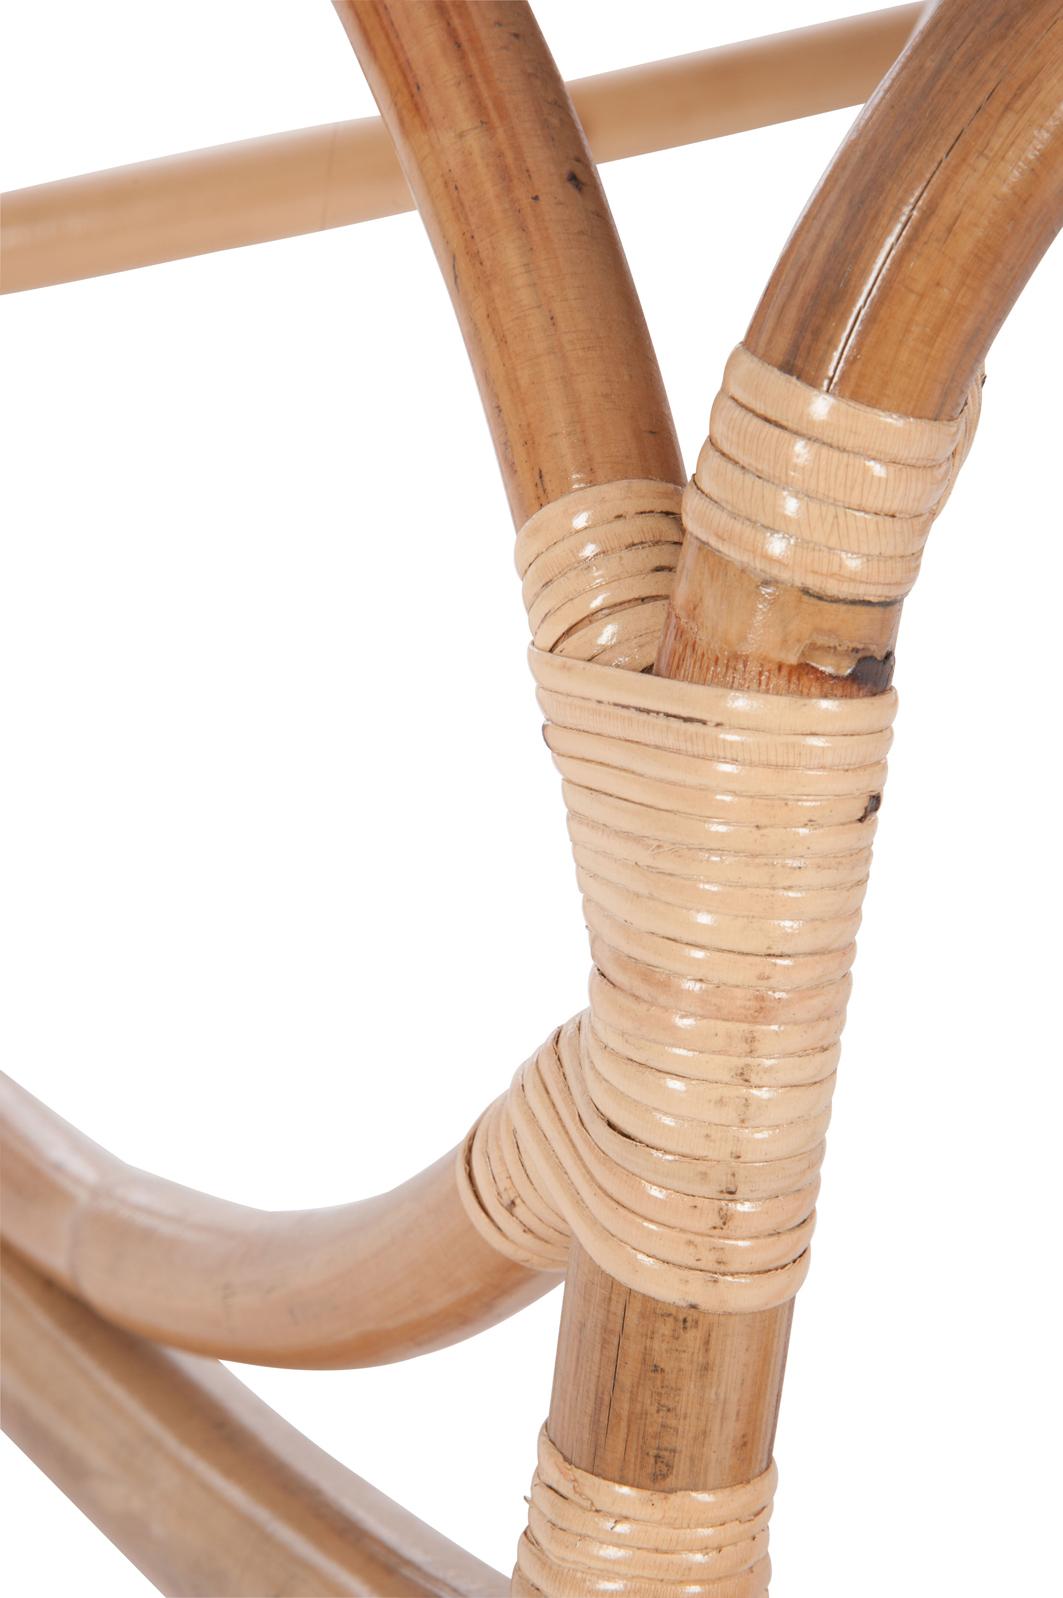 Fauteuil à Bascule Bambou Et Rotin Jolipa 61390 : Magasin De Meubles U0026 Deco  à Orléans | ESPRIT Du0027AUTREFOIS